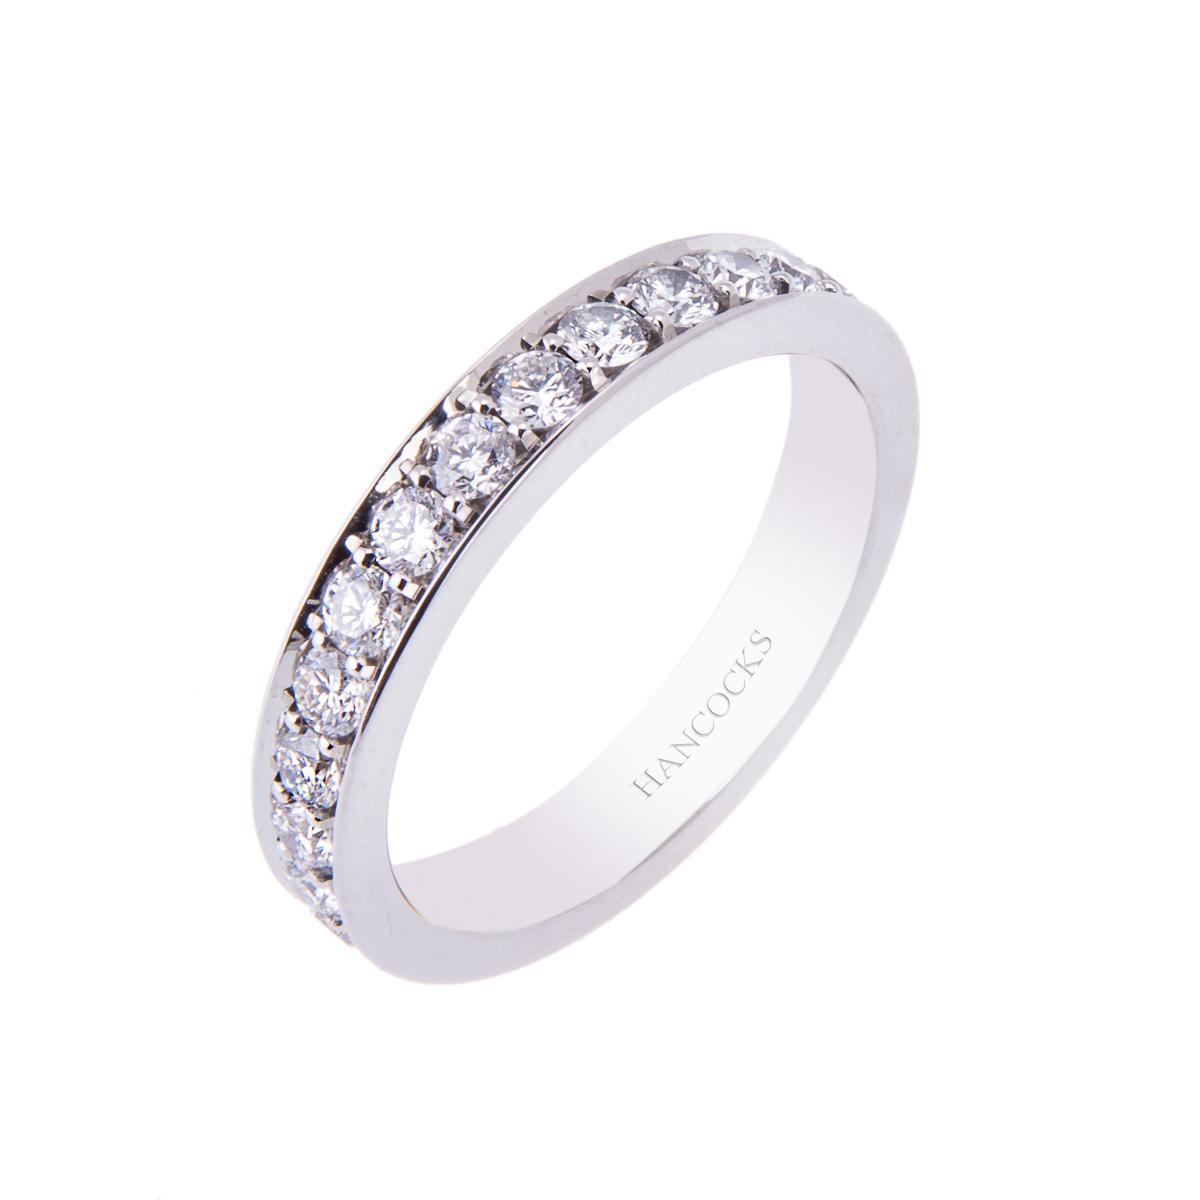 brilliant-cut-diamond-claw-set-wedding-ring